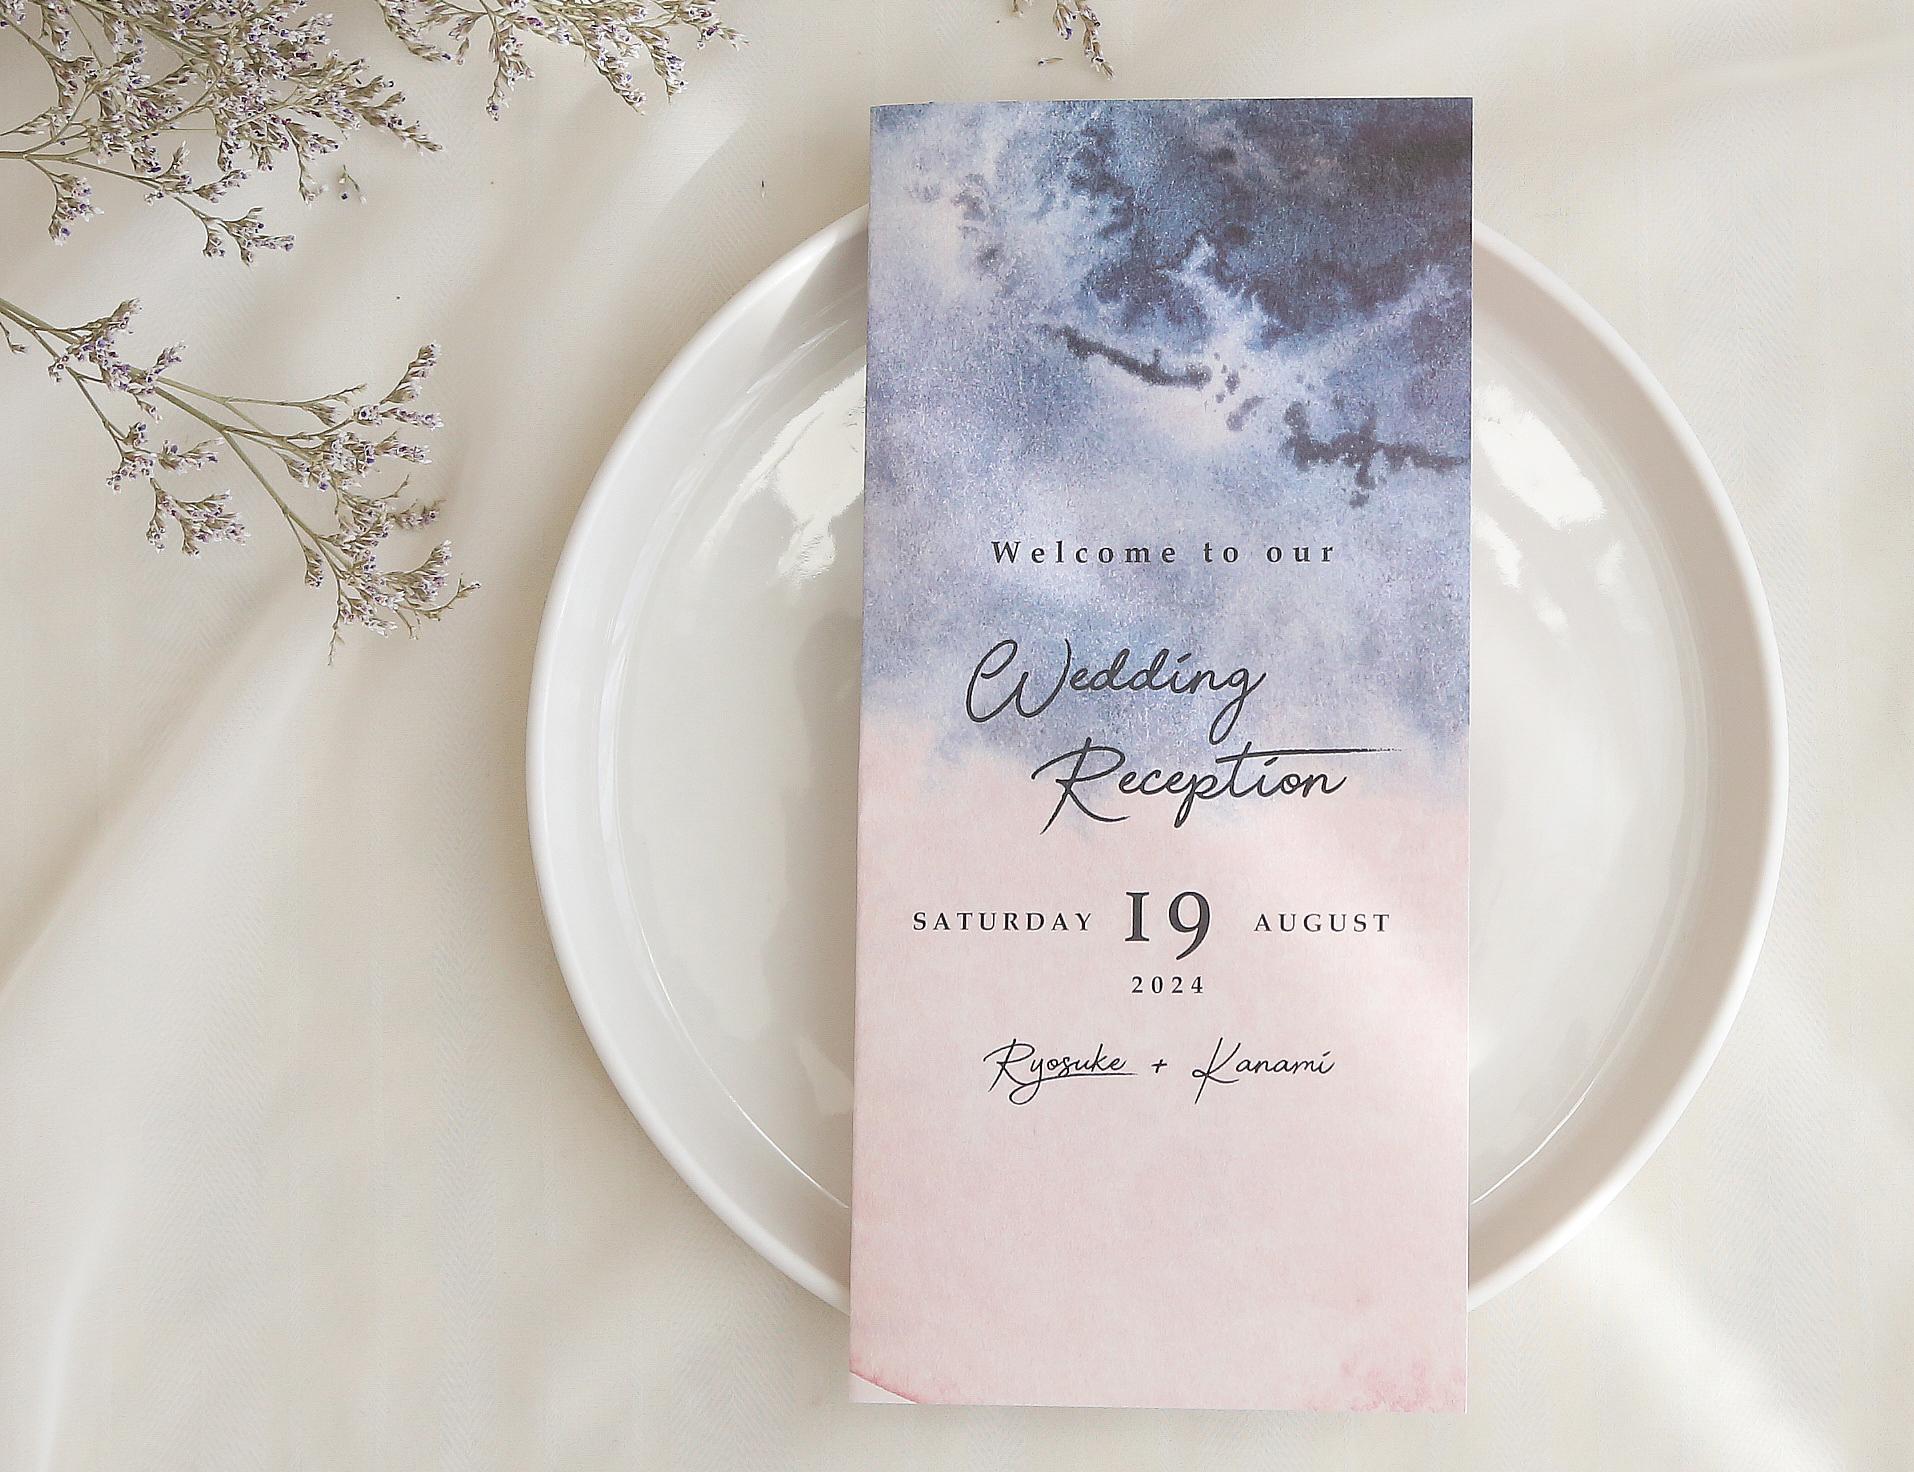 席次表 169円~/部【ブラッシュ&ネイビー】│ウェディング 結婚式 プロフィールブック